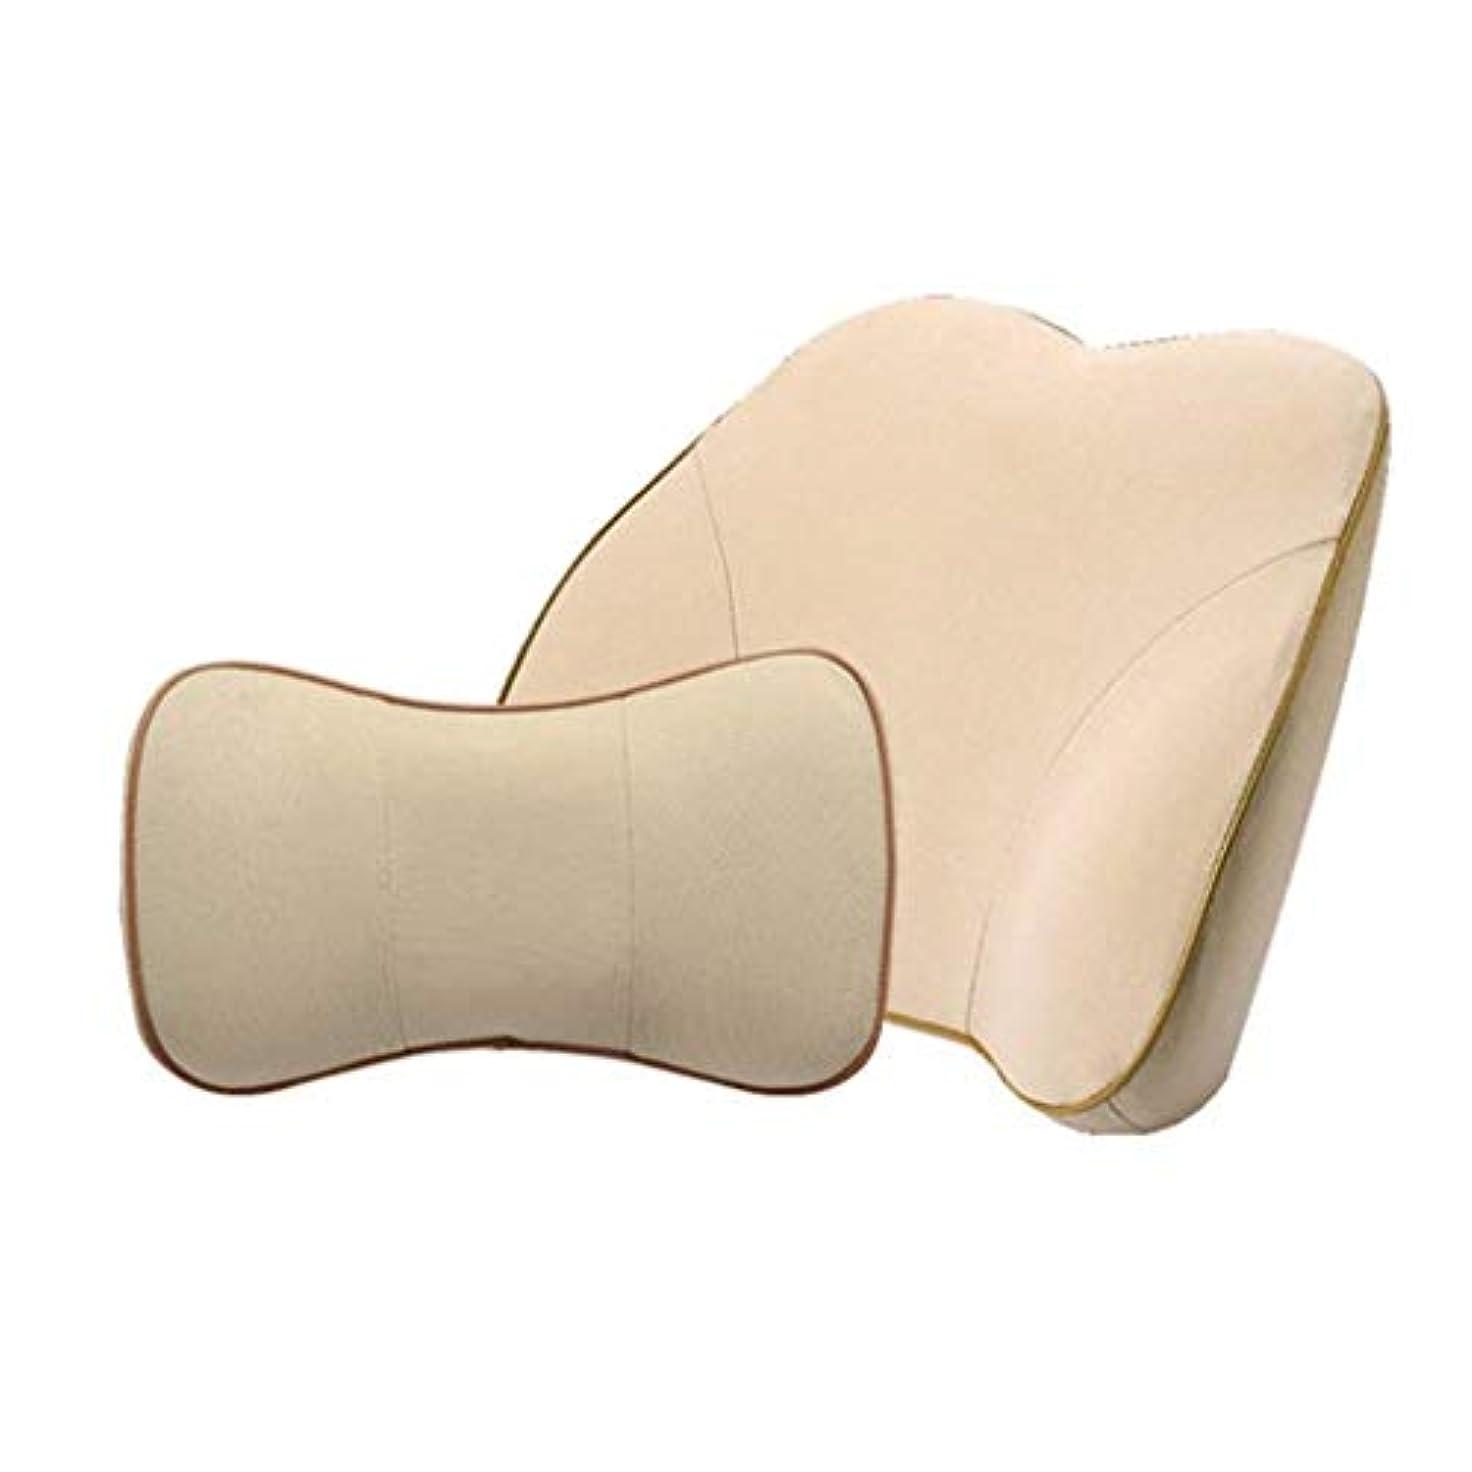 日付付きあいにく北東腰椎枕と首の枕 - - メモリコットンネックウエストクッション、車のインテリア、人間工学に基づいたオフィスの椅子とトラベルバックピロー、腰と首の疲労と痛みを和らげ、予防する (Color : Beige)